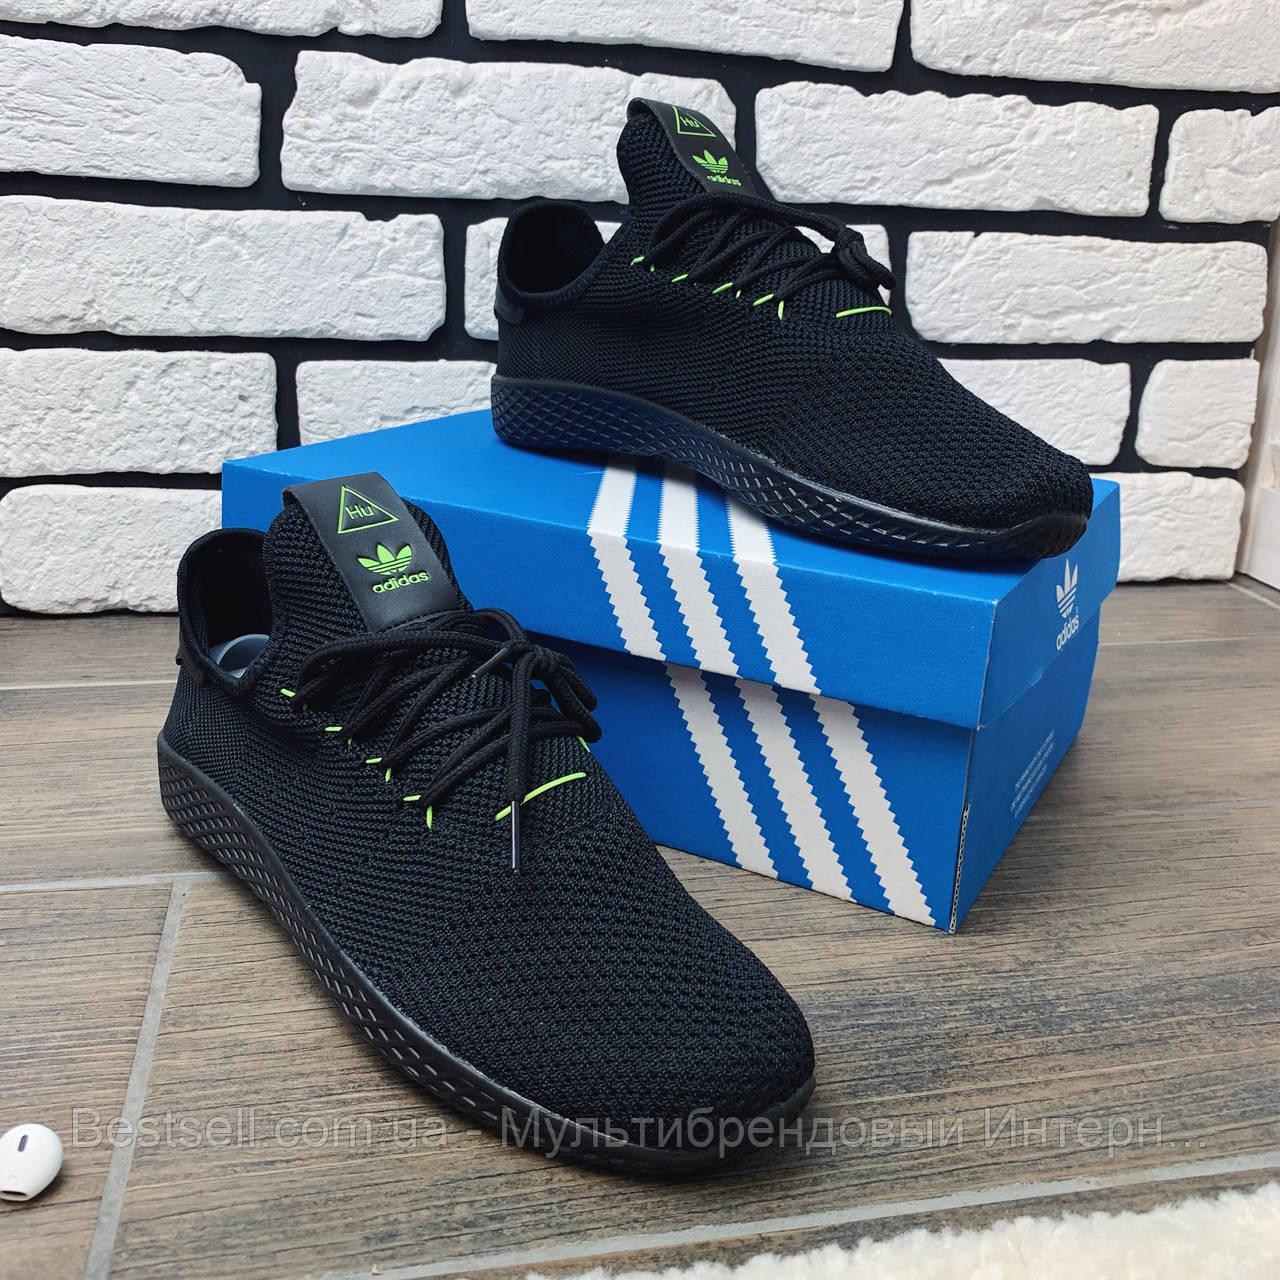 Кросівки Adidas Pharrell Williams 30779 ⏩ [ 44 останній розмір ]